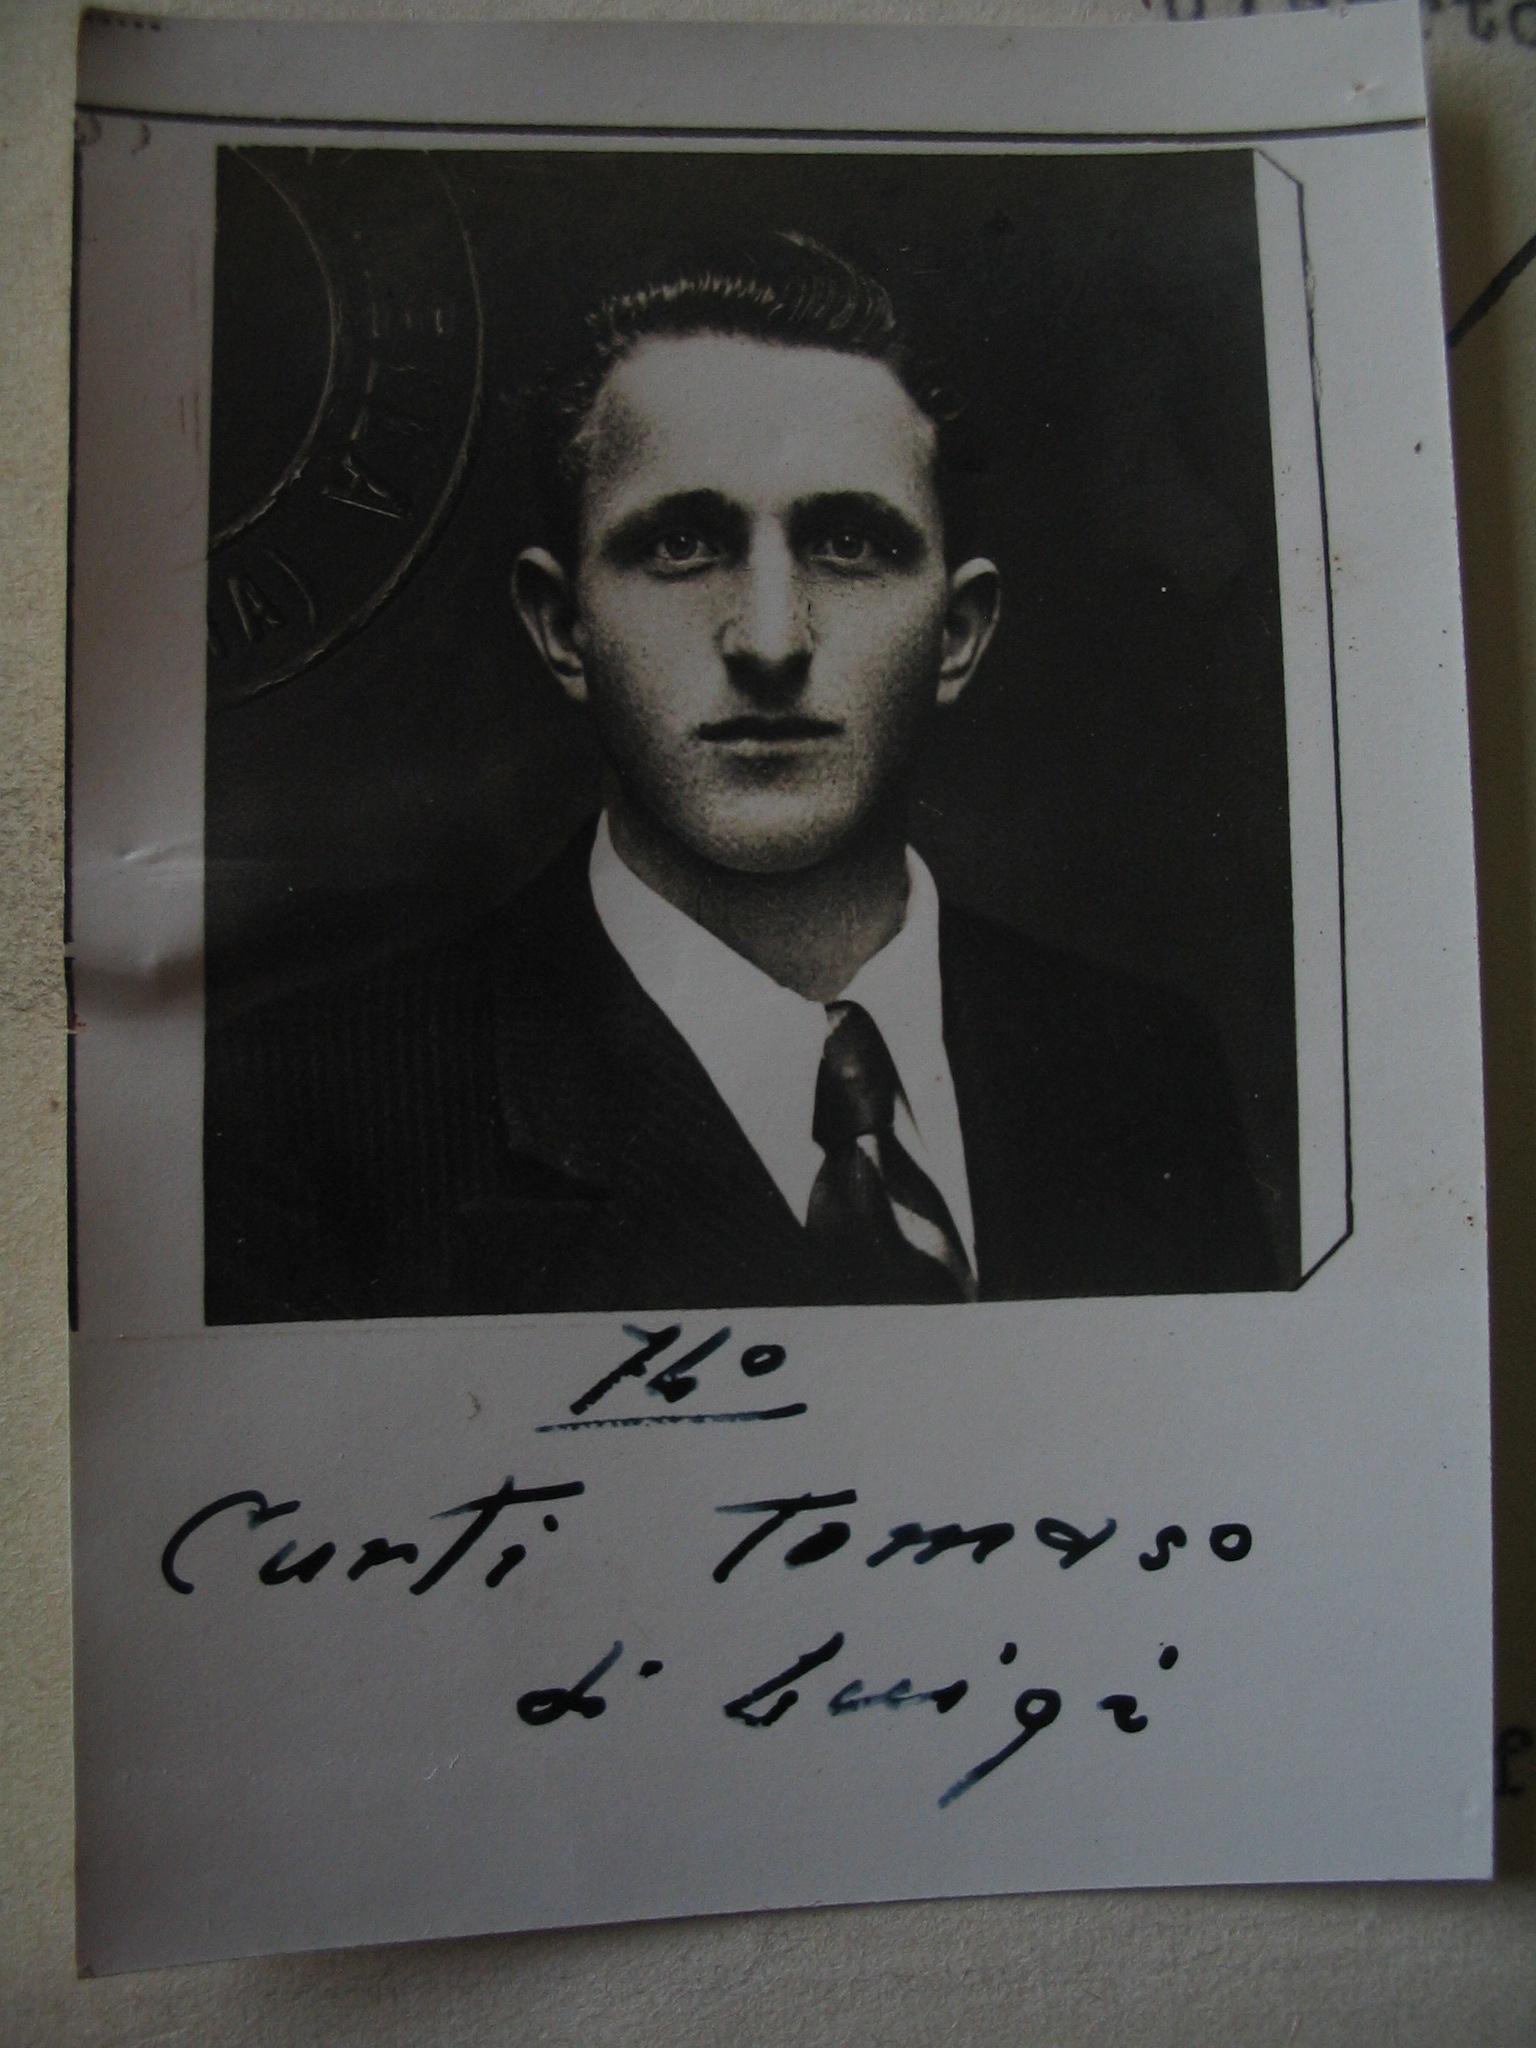 005 disertori 1939 Curti f